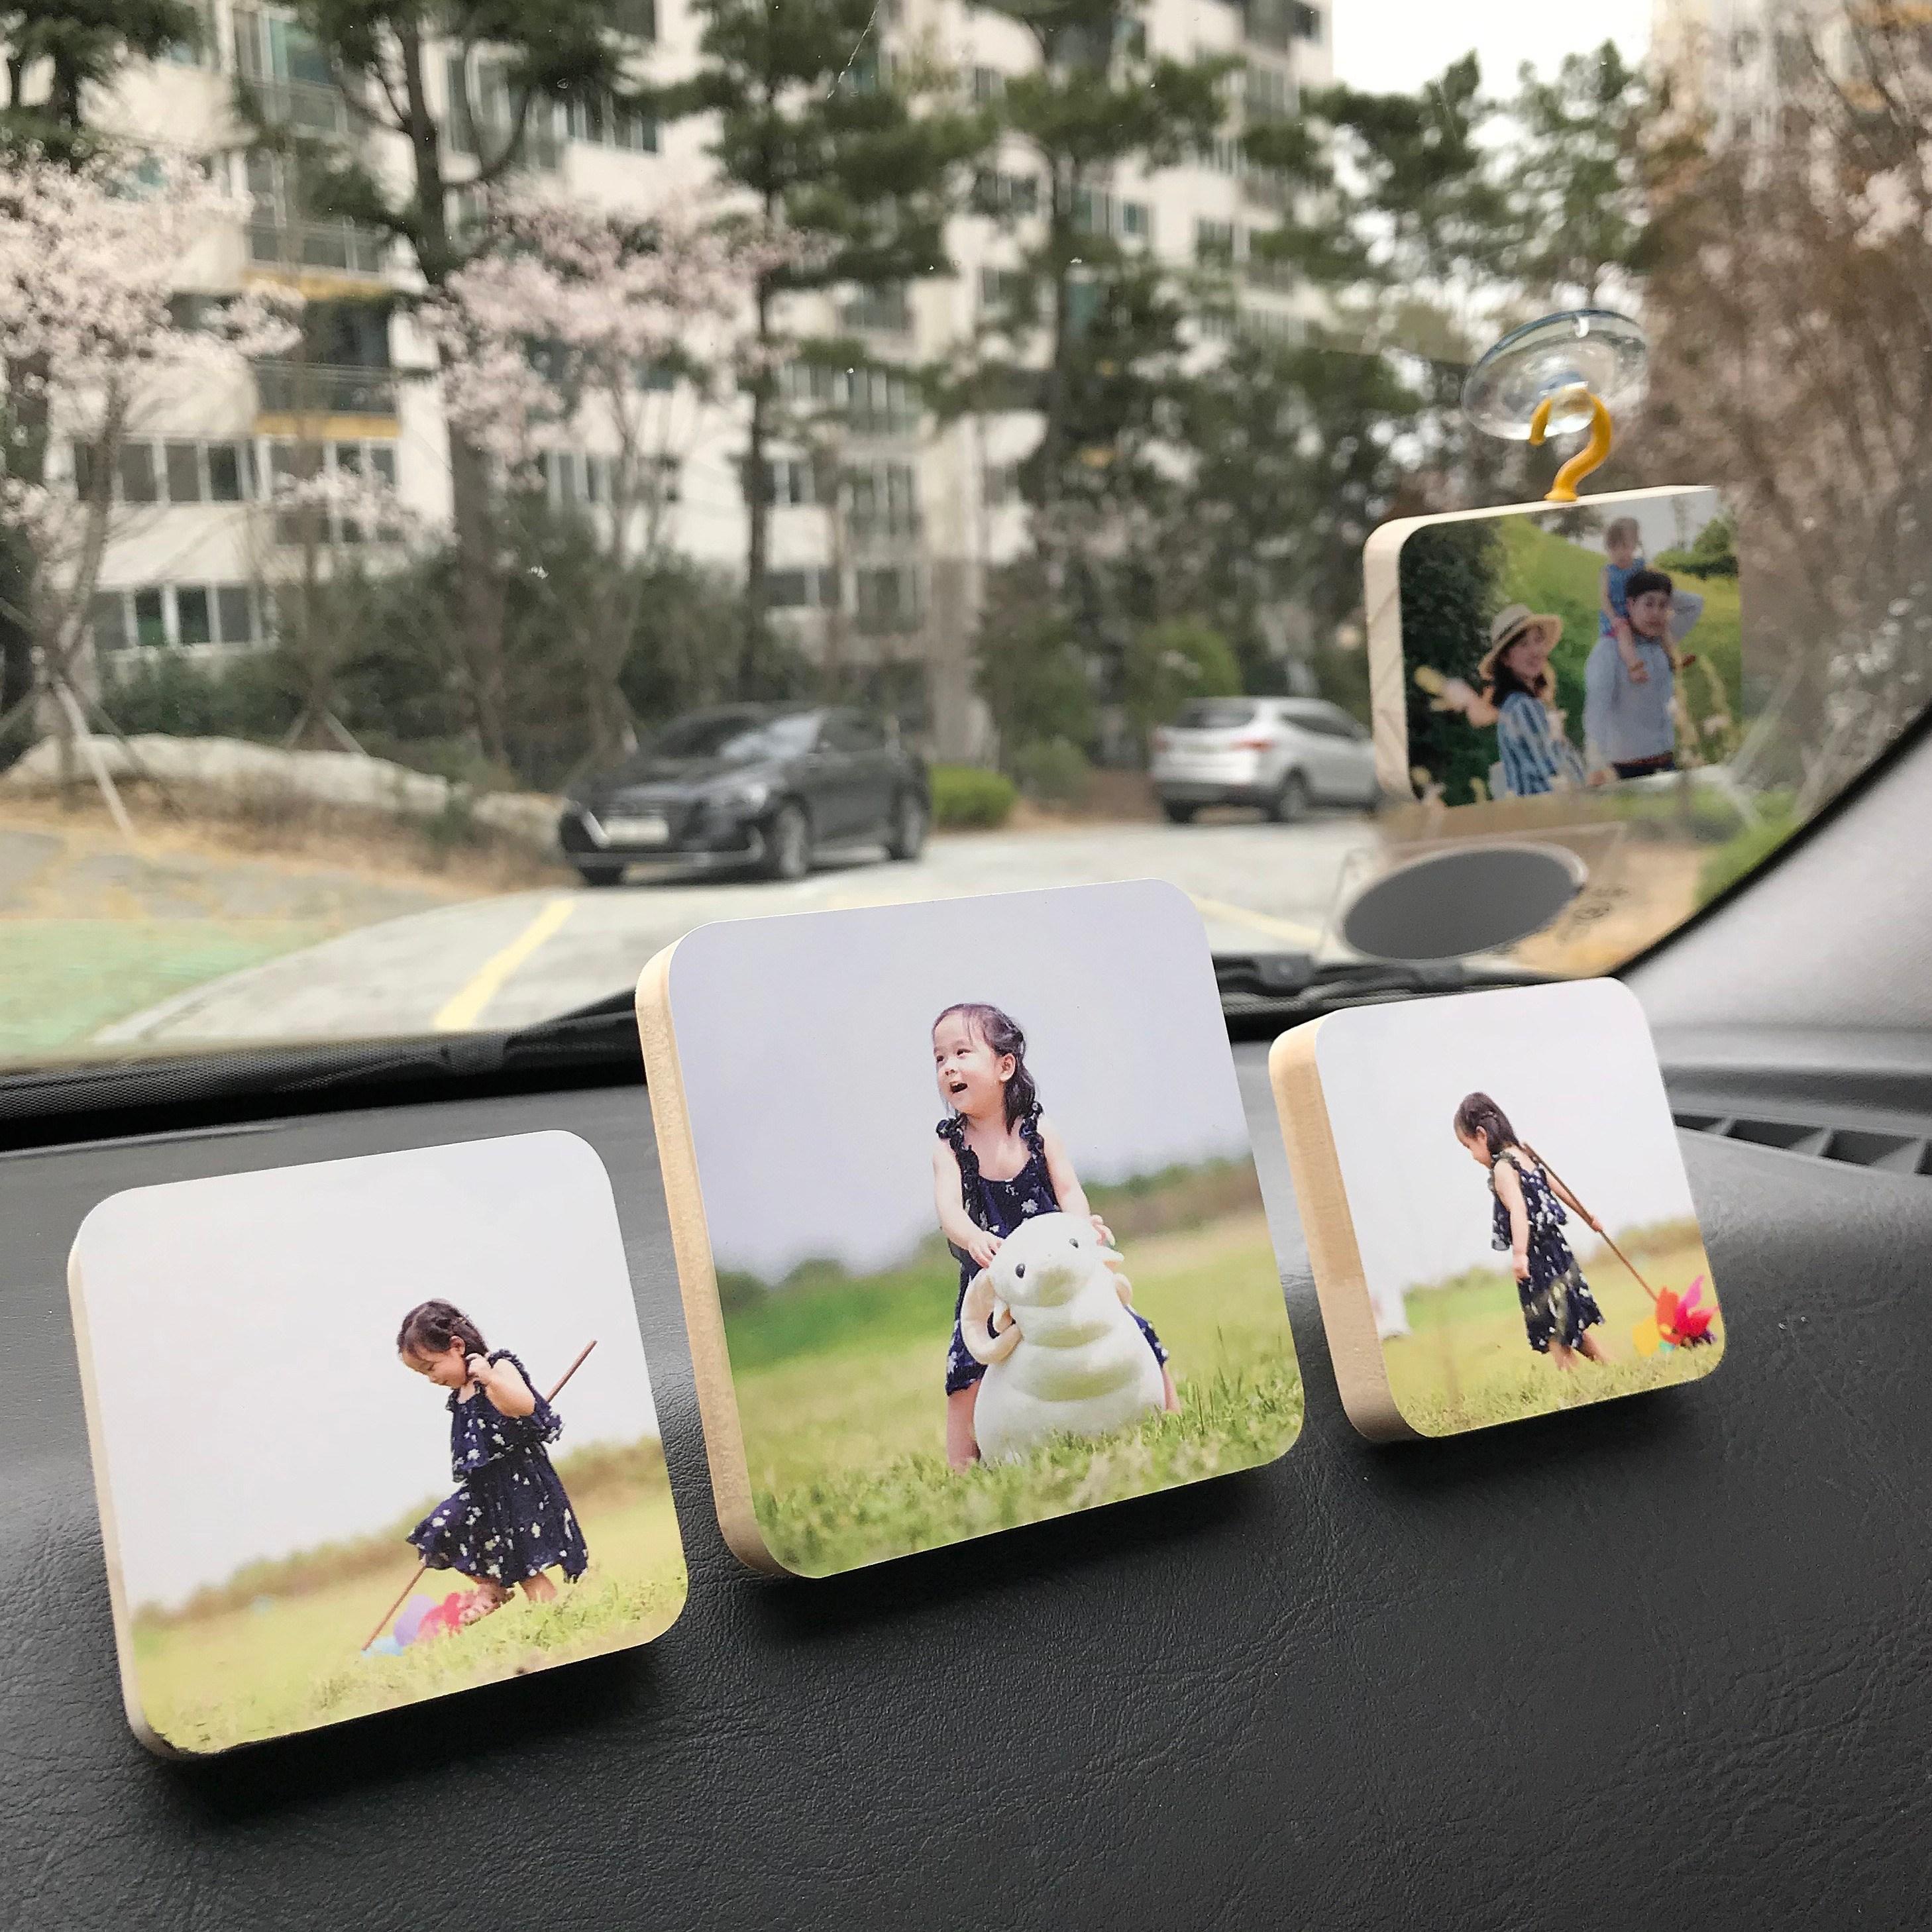 소담포토 차량용 방향제 액자 연말 3+1 크리스마스 선물 포토방향제 대시보드형 가족 커플 아이 반려동물